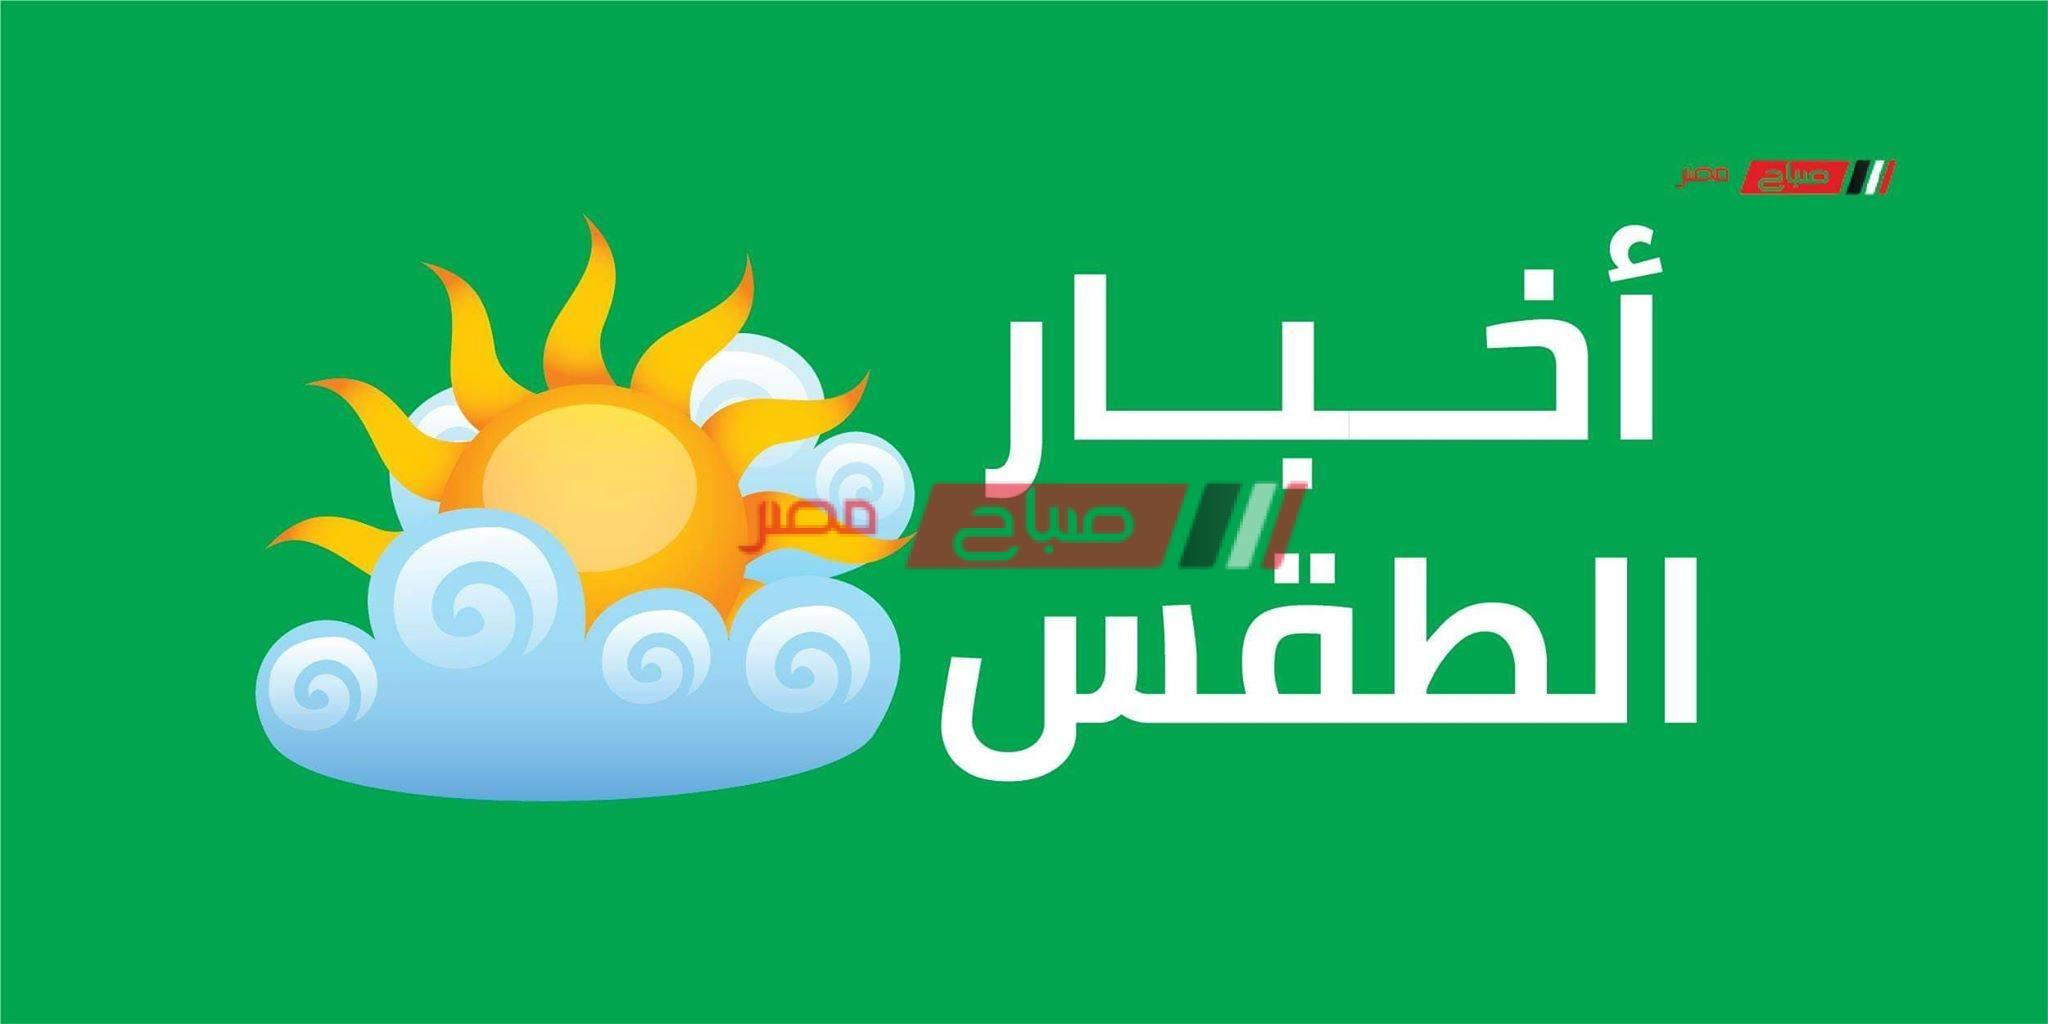 توقعات جديدة عن حالة طقس دمياط غداً الإثنين 25_5_2020 - موقع صباح مصر